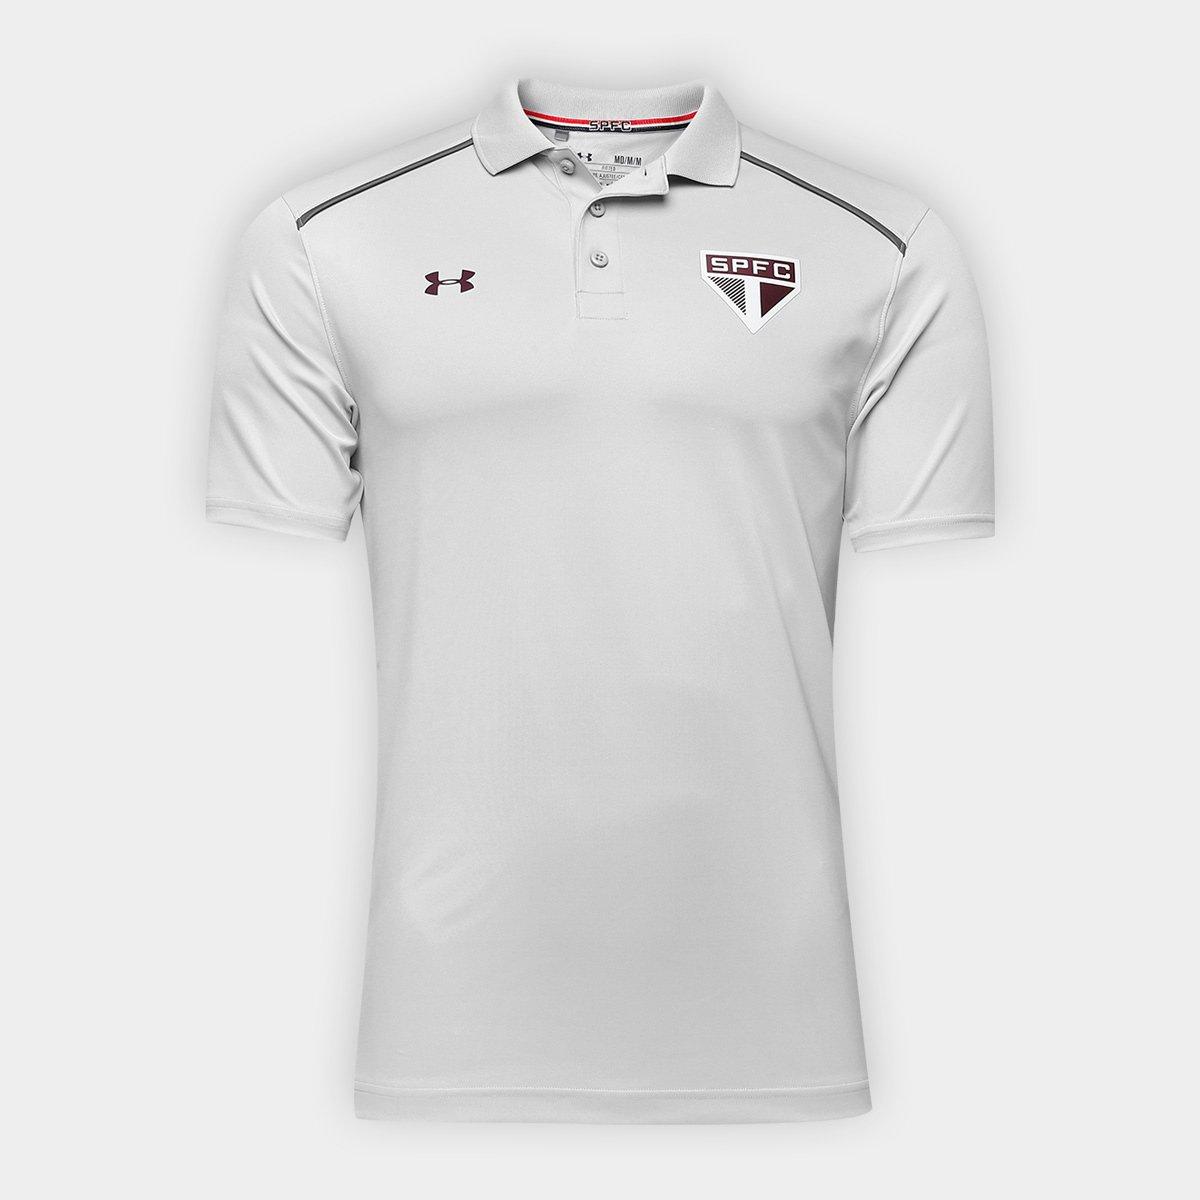 Camisa Polo São Paulo Under Armour 17 18 Viagem Masculina - Compre ... a7e392874aea3